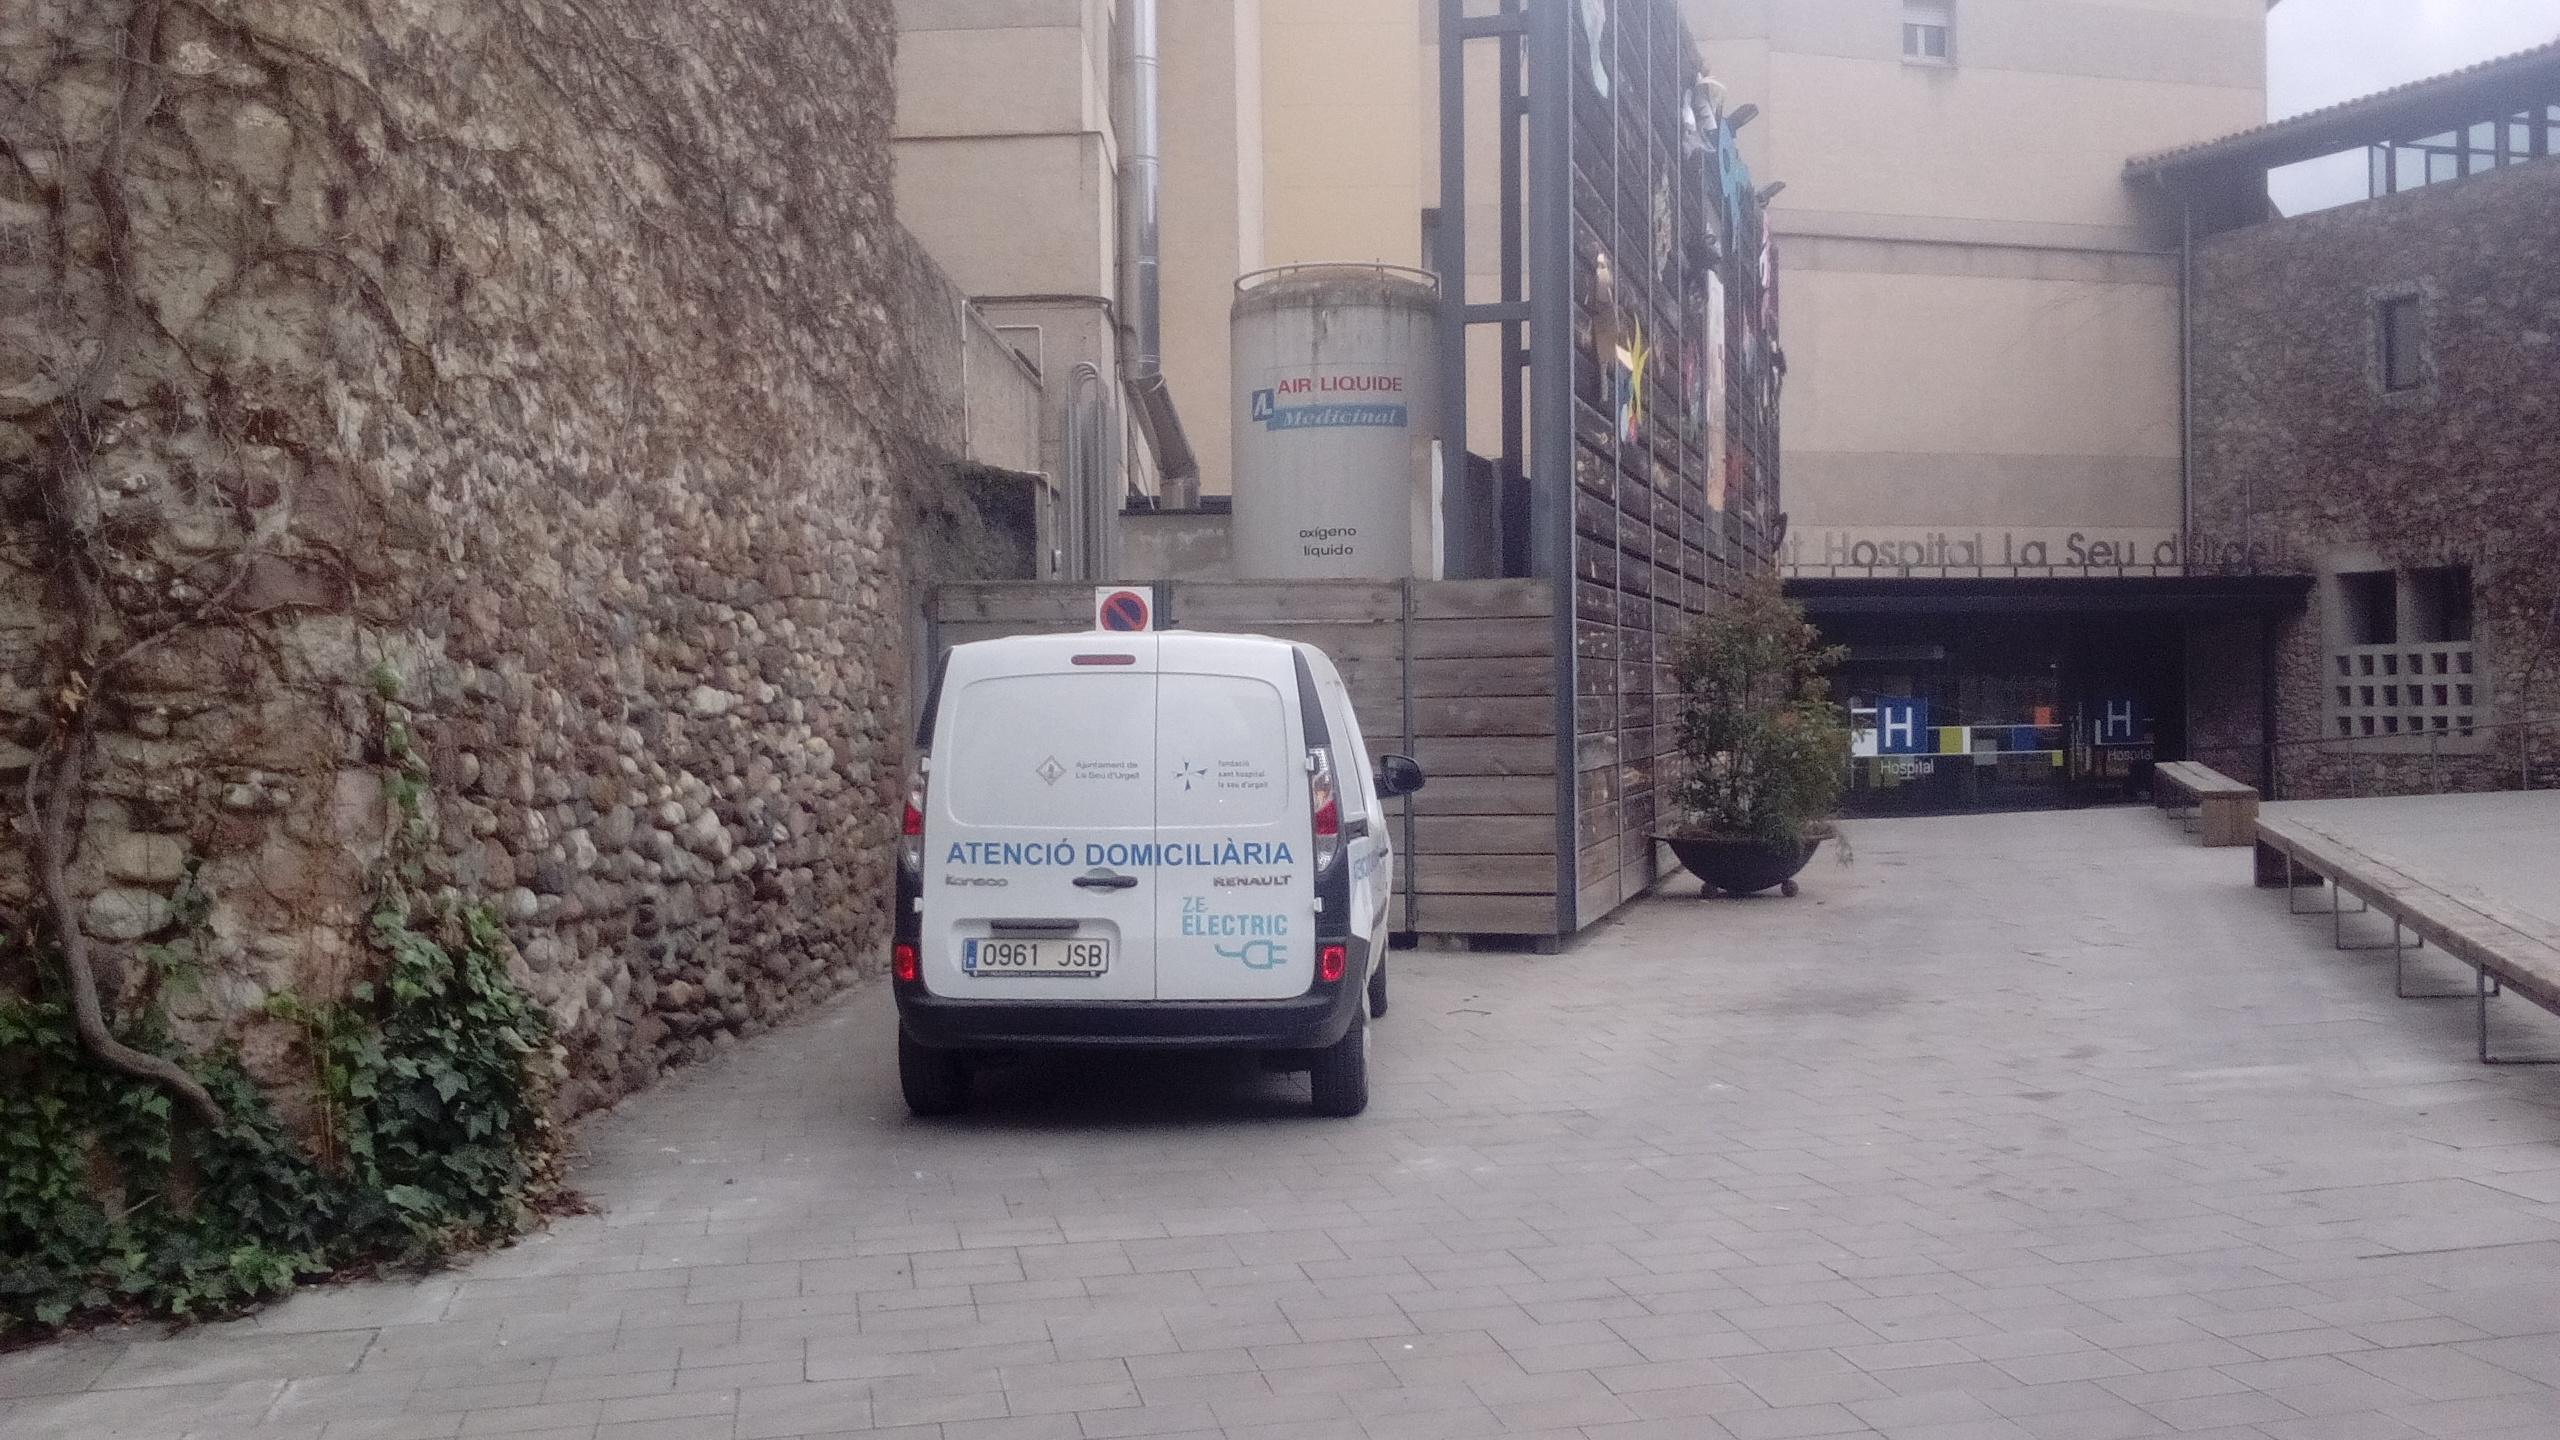 Fàbrega, 'en un exercici de transparència', esborra les acusacions d'ERC de la Seu